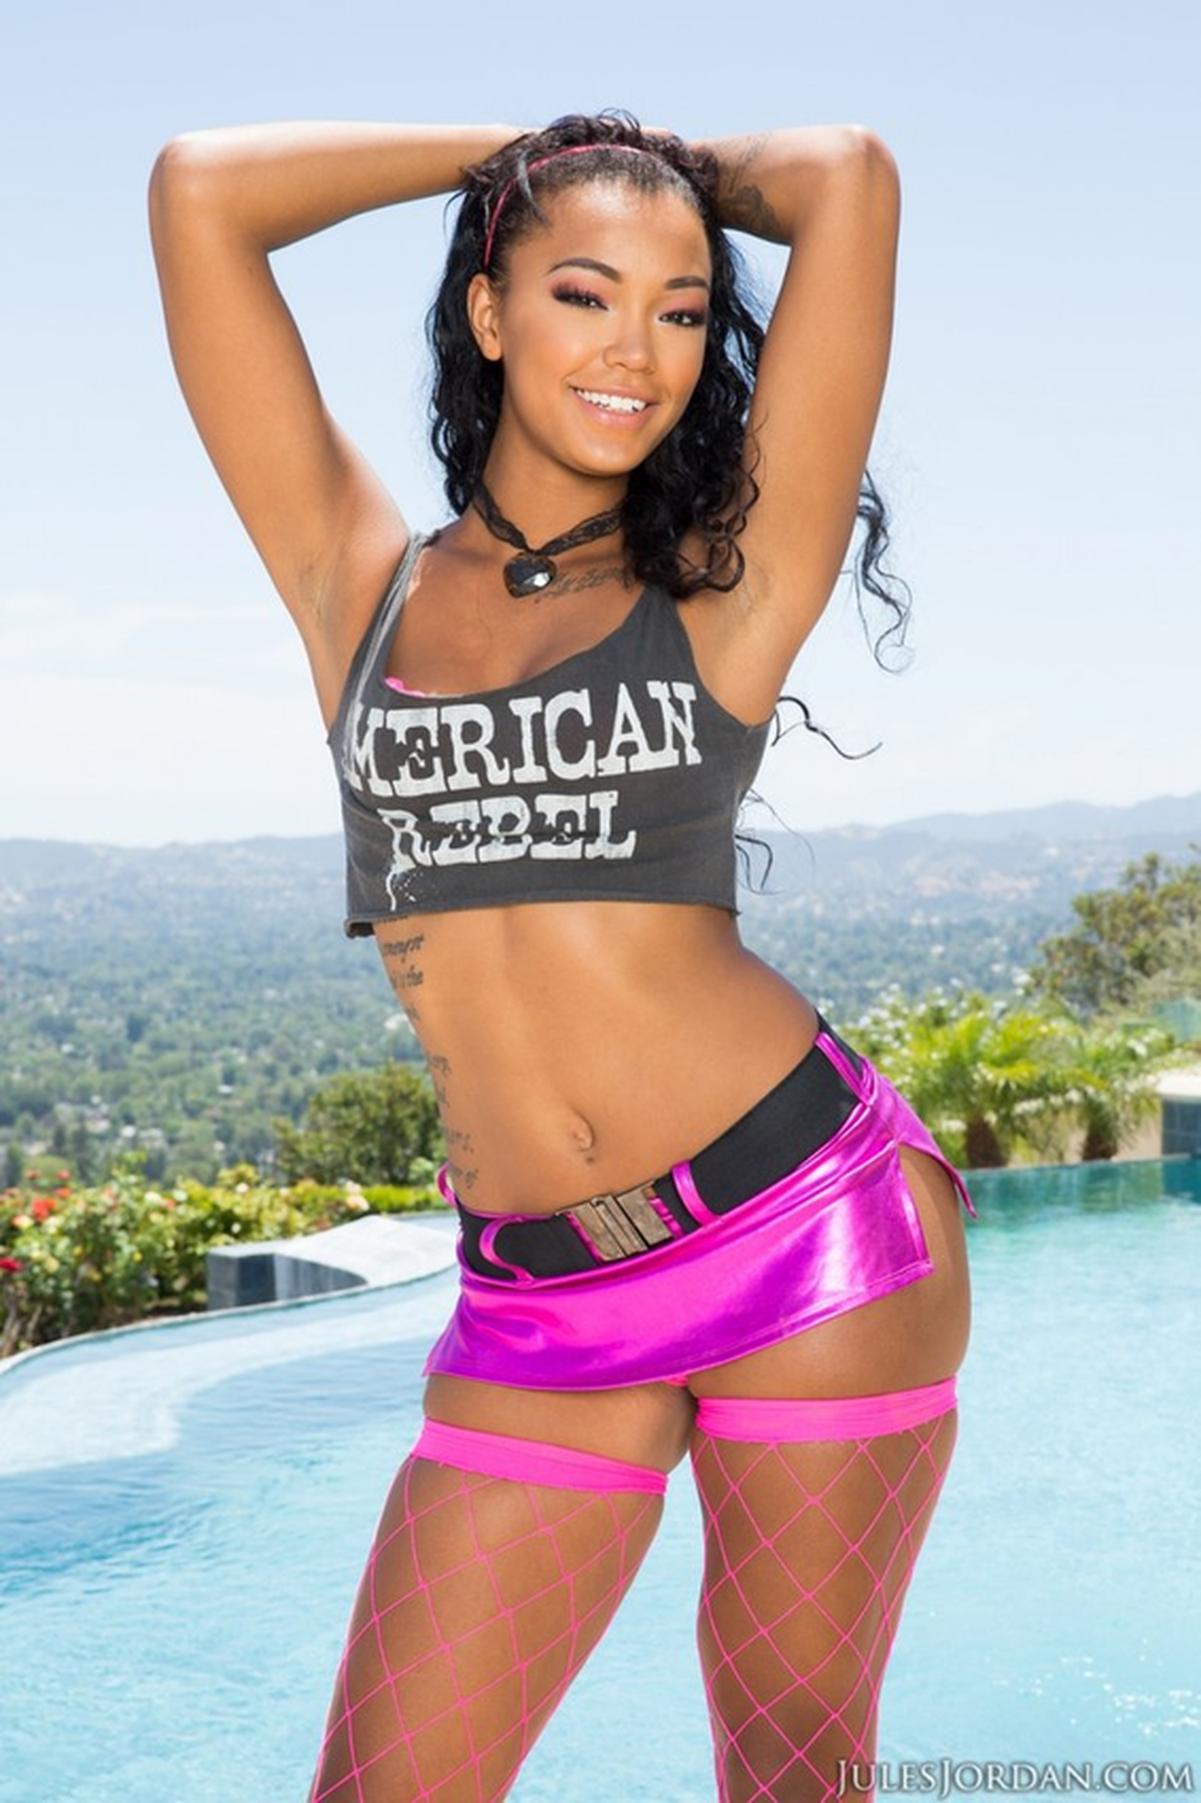 Actriz Porno Harley harley dean wiki & bio - pornographic actress